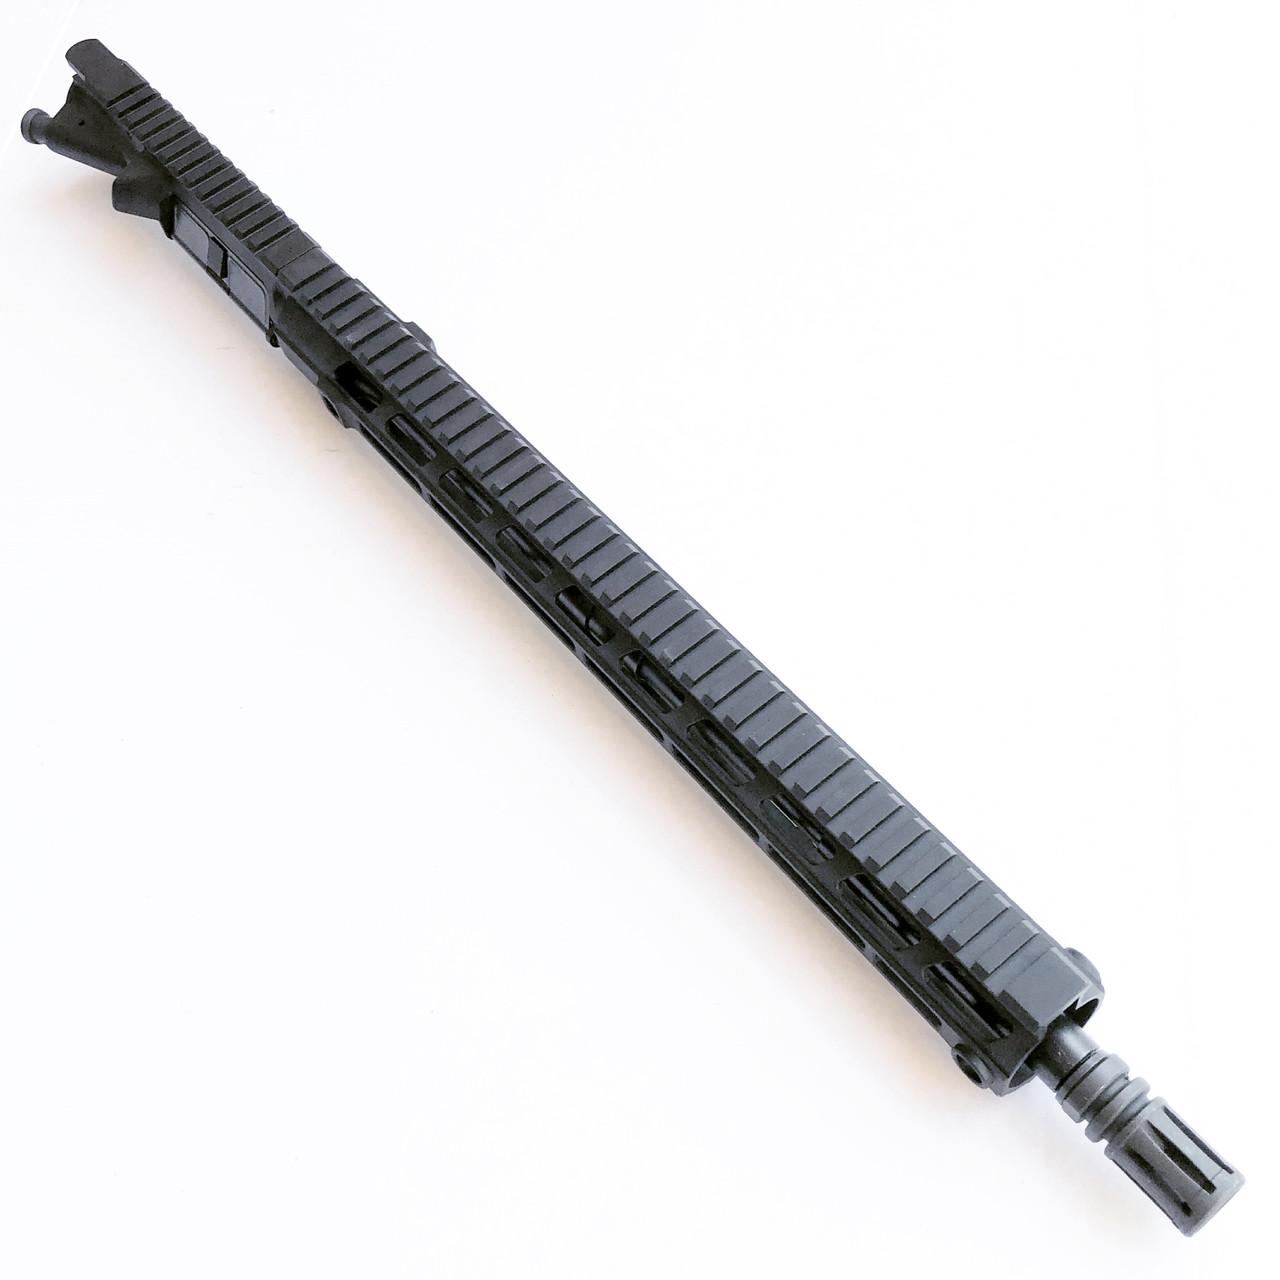 AR-15 Upper Receiver, .223 Wylde, 16'' Barrel, 1:8 Twist, Carbine Gas System